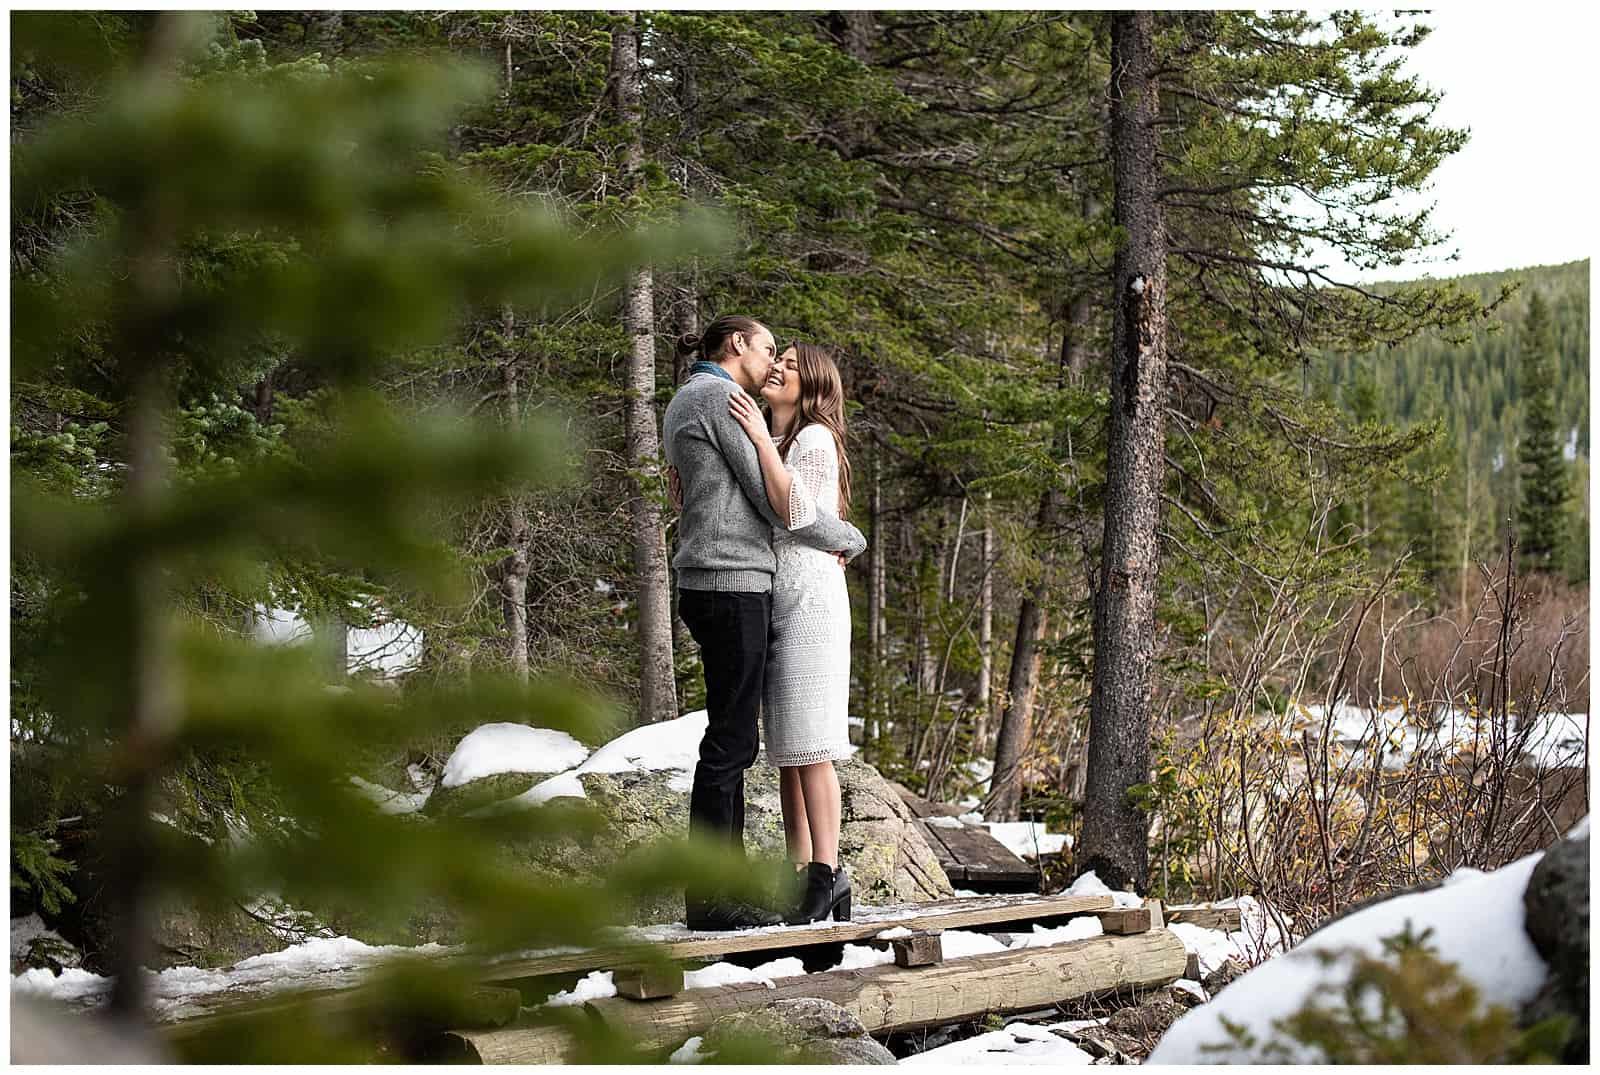 best engagement portrait locations near boulder colorado